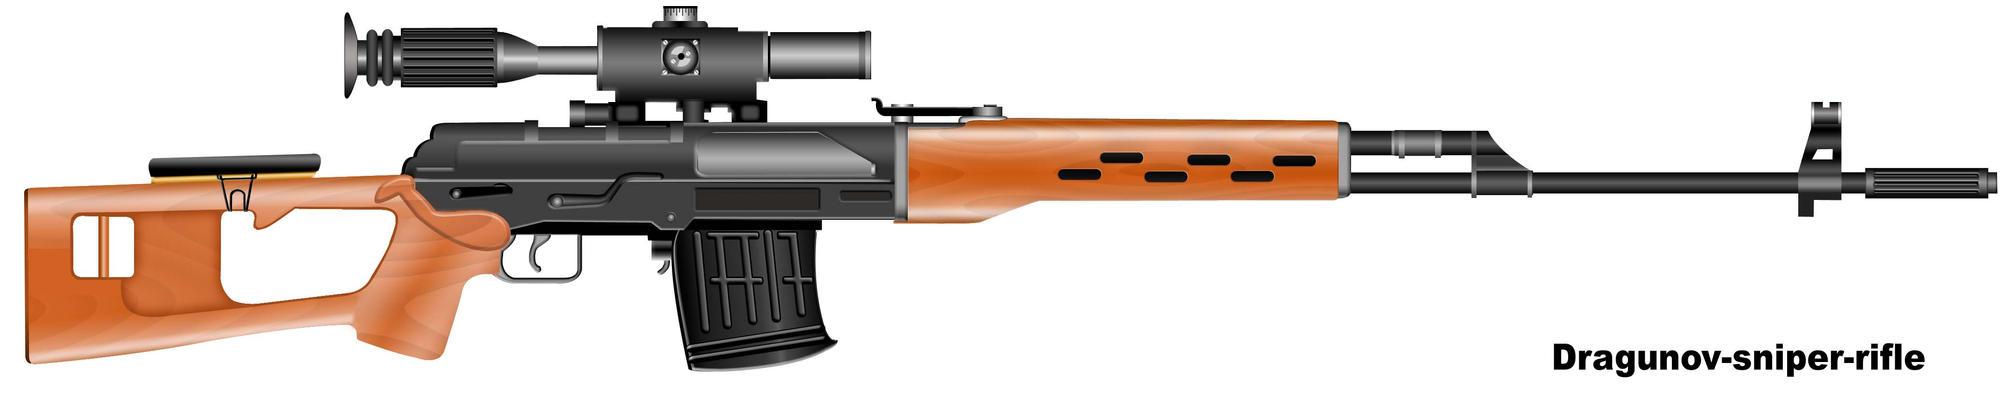 dragunov-sniper-rifle by AyanHasan